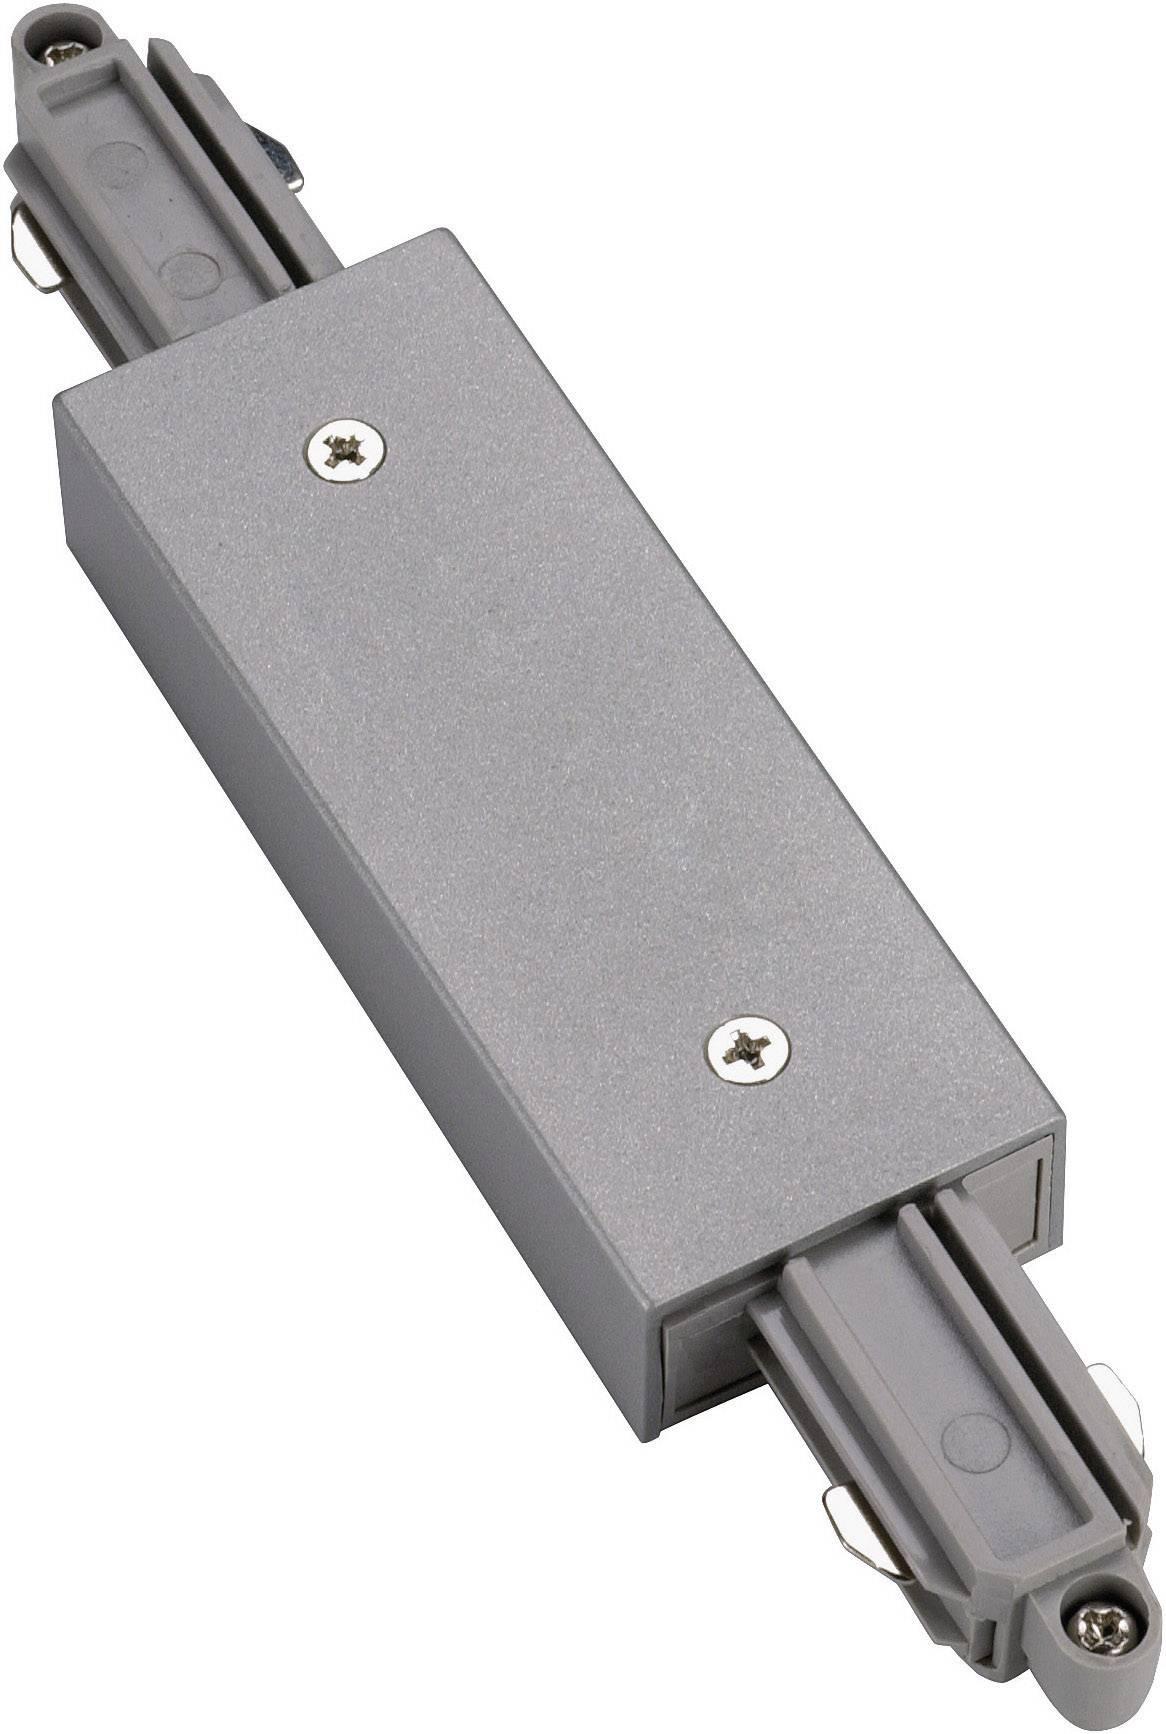 Pozdĺžna spojka pre 1-fázový HV koľajnicový systém 143102, strieborná